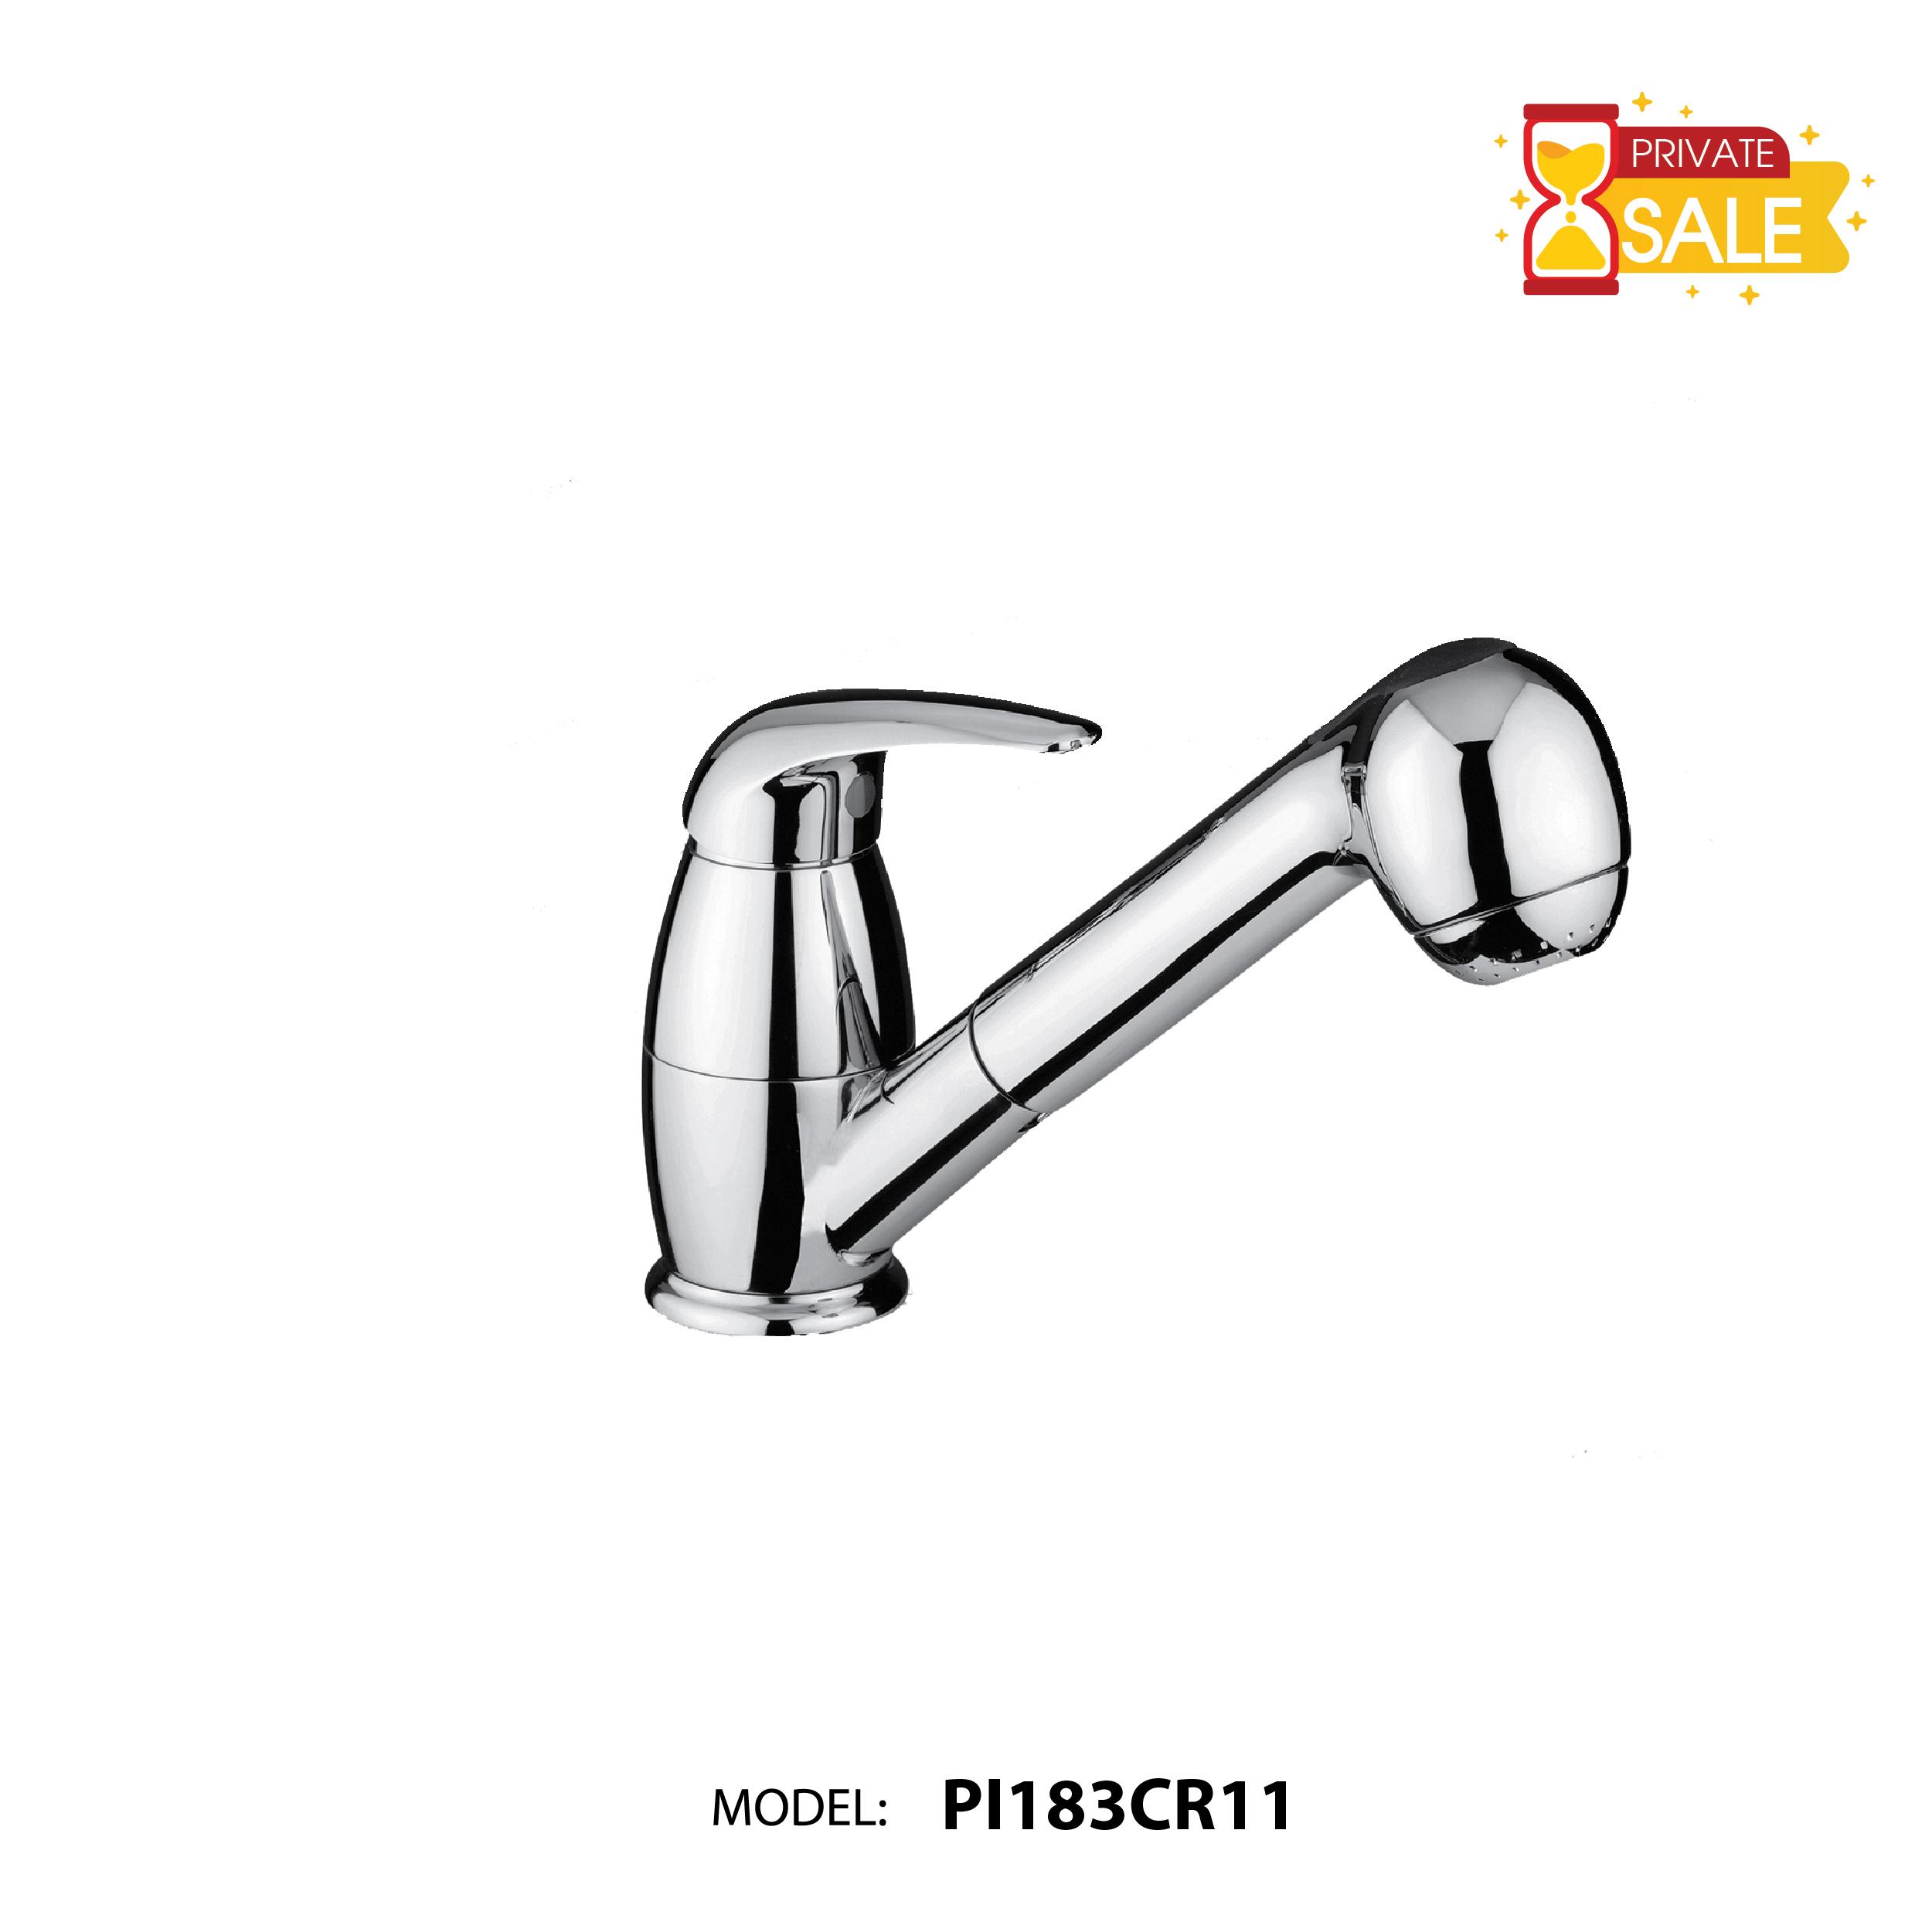 VÒI CHẬU NÓNG LẠNH PAFFONI PI183CR11 (Vòi lavabo model: PI183CR11)